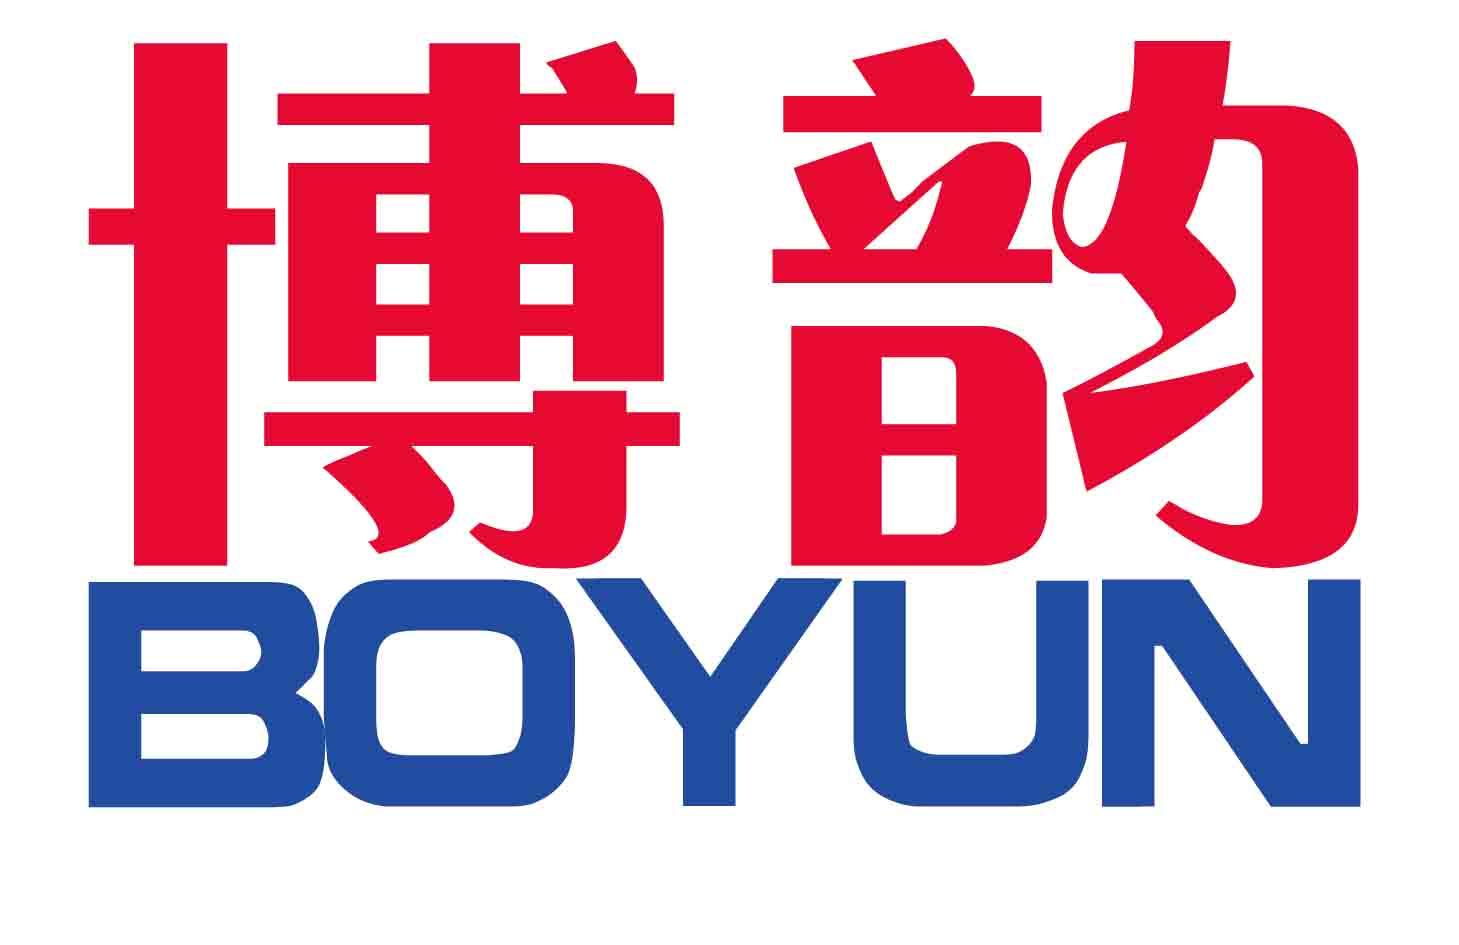 博韵光线国际传媒有限公司于2010年开始运营